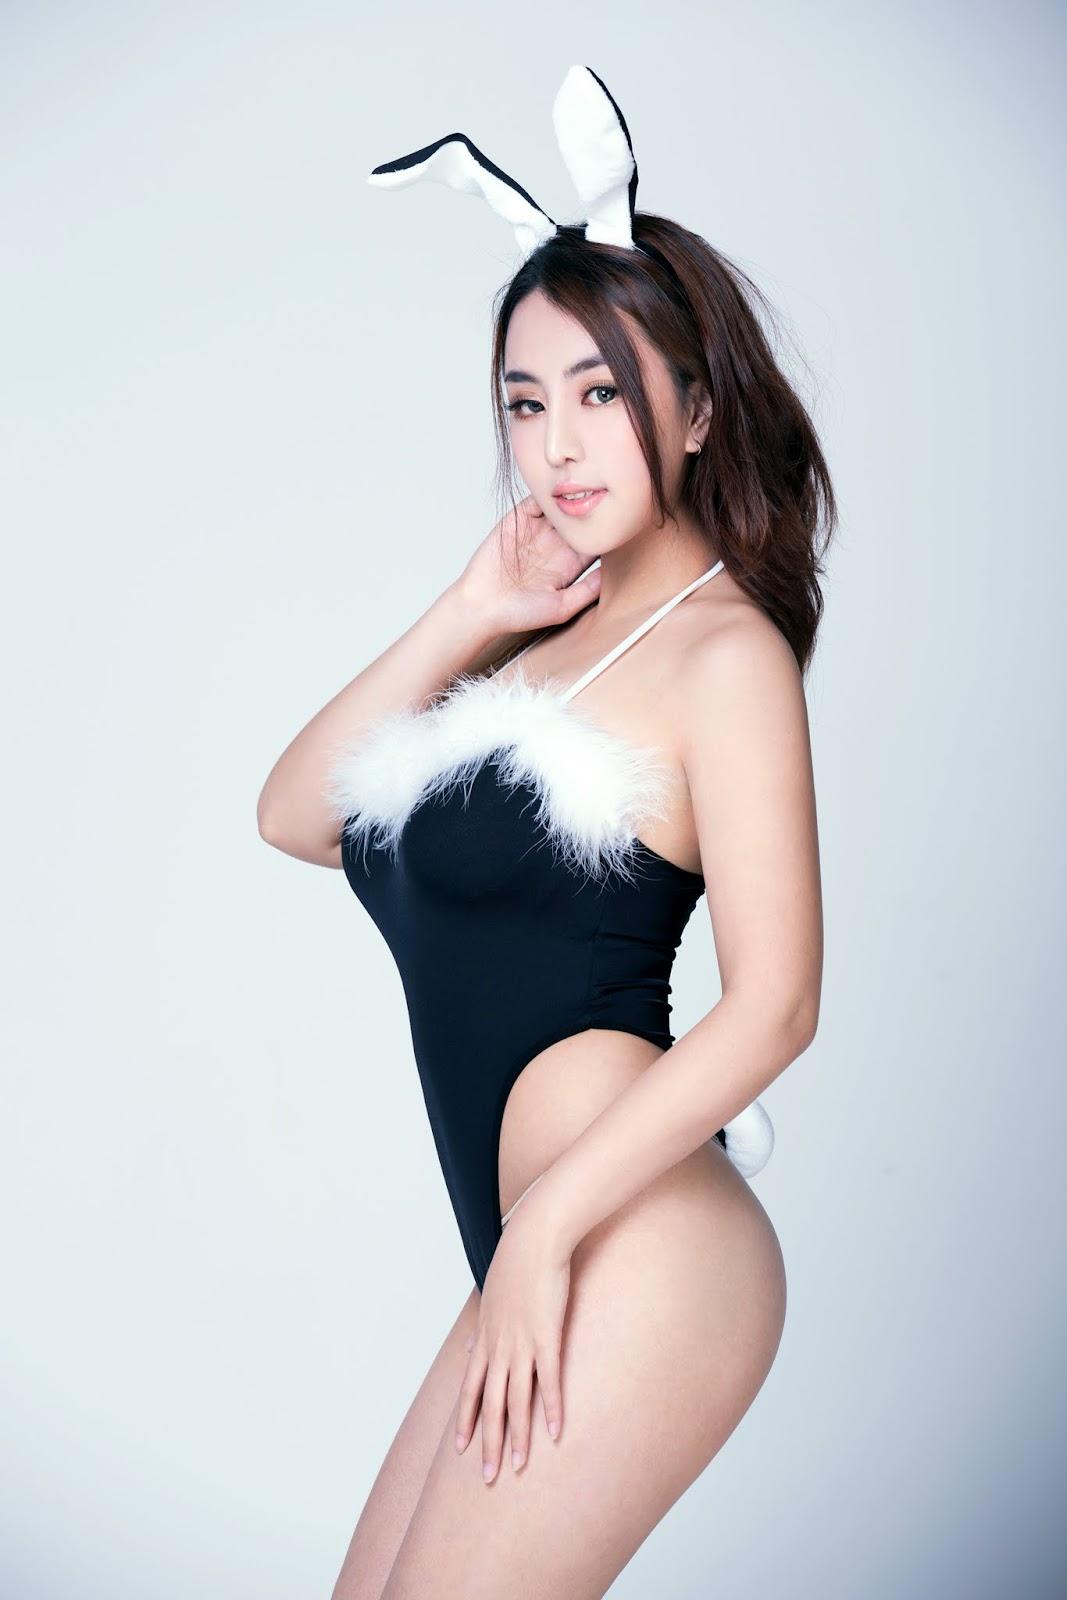 TuiGirl 41 - Sexy Model TUIGIRL NO.17 Nude